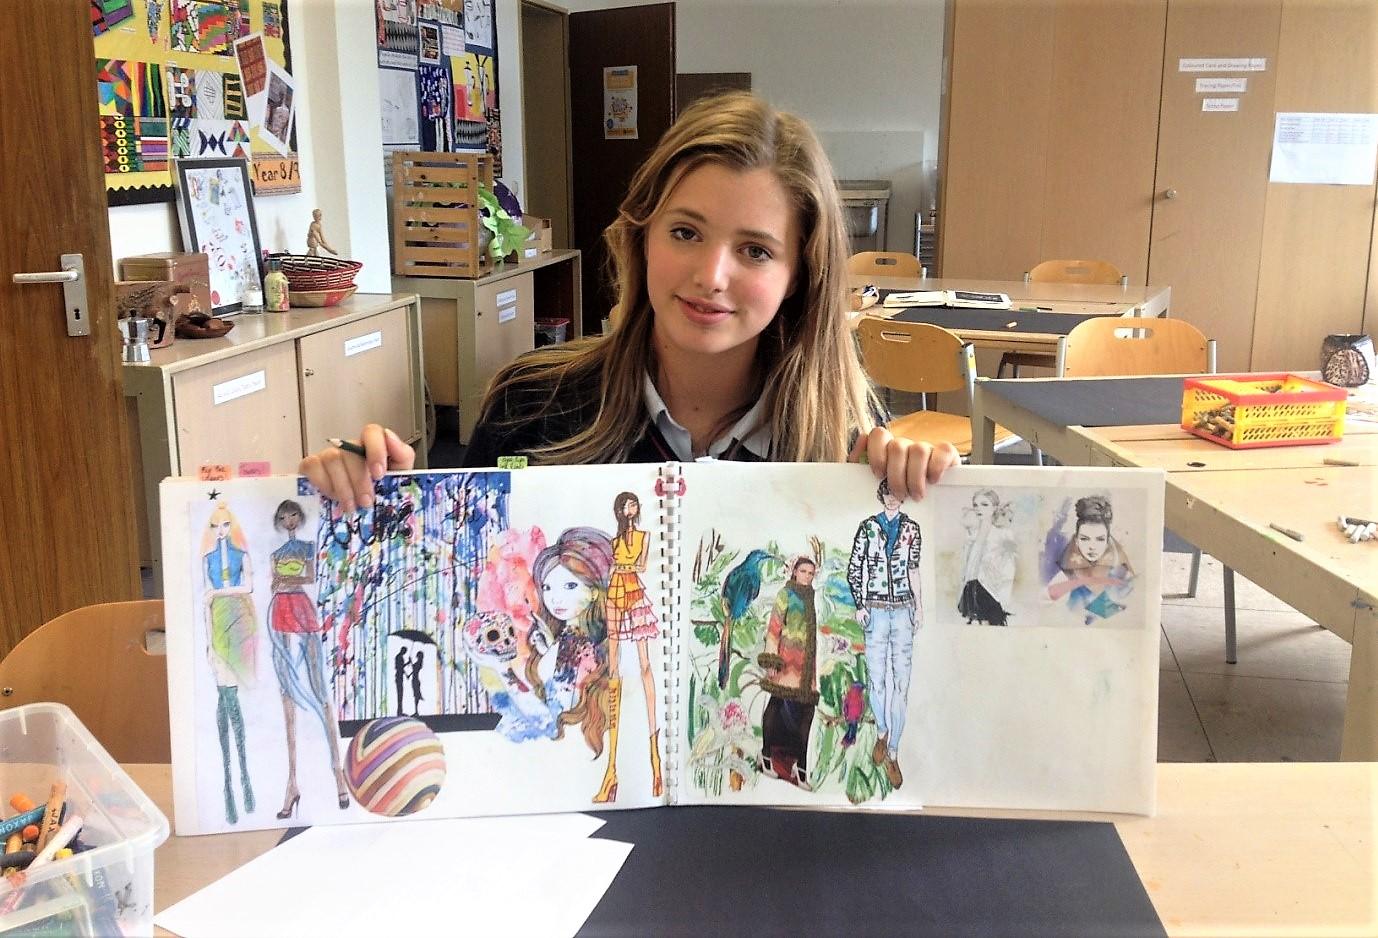 Polaznica jezičke mreže Maria redovno pohađa letnji pripremni program u školi